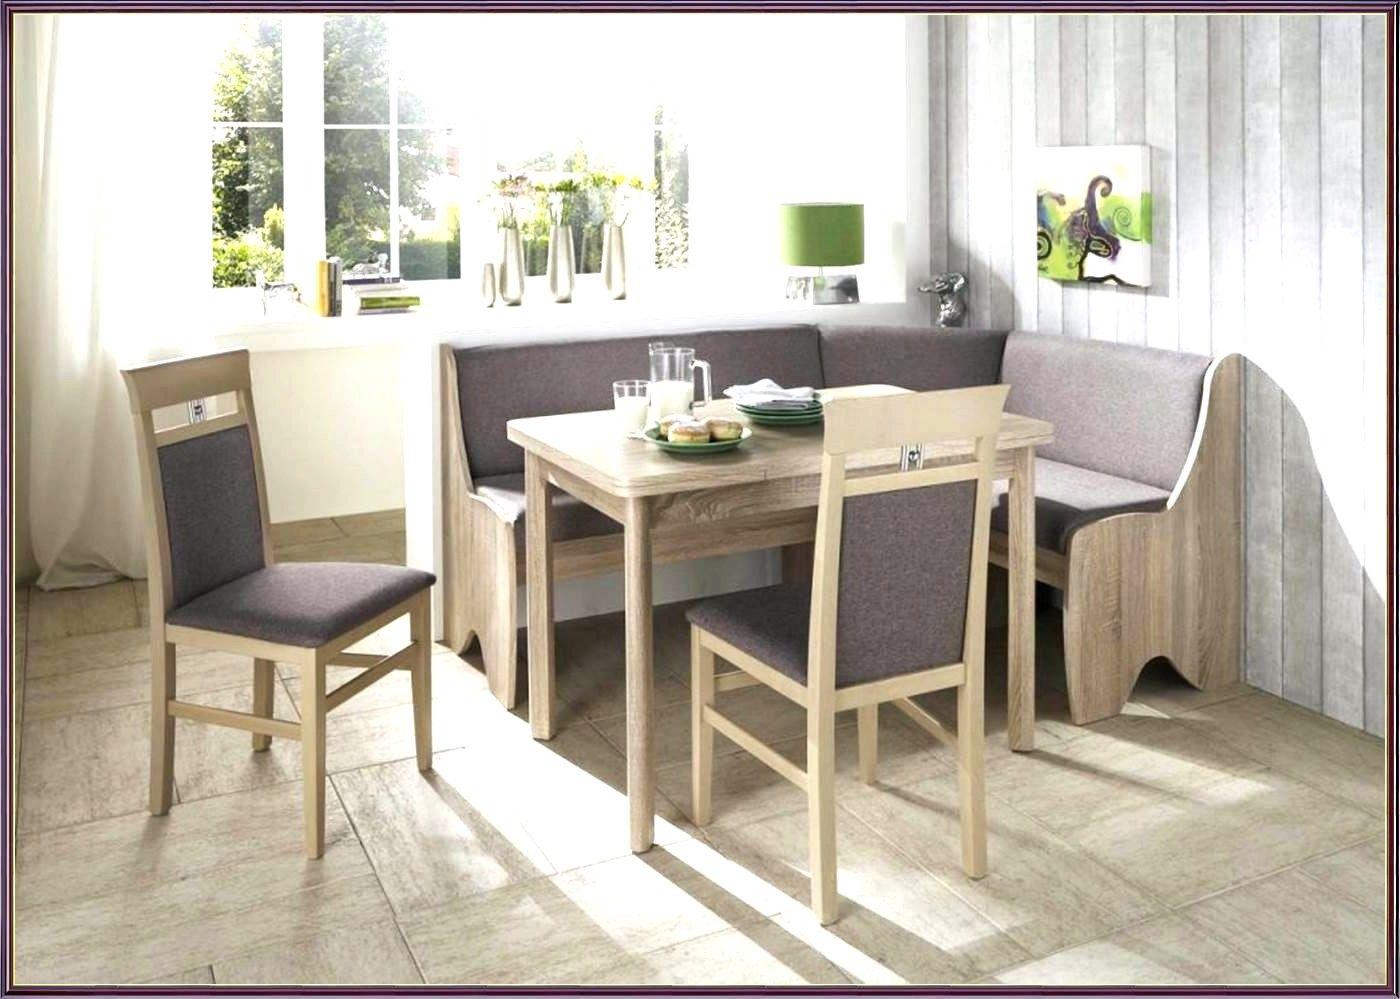 Full Size of Eckbank Selber Bauen Ikea Hack Selbst In 2019 Küche Kosten Einbauküche Betten 160x200 Velux Fenster Einbauen Boxspring Bett Dusche Modulküche Bei Neue Wohnzimmer Eckbank Selber Bauen Ikea